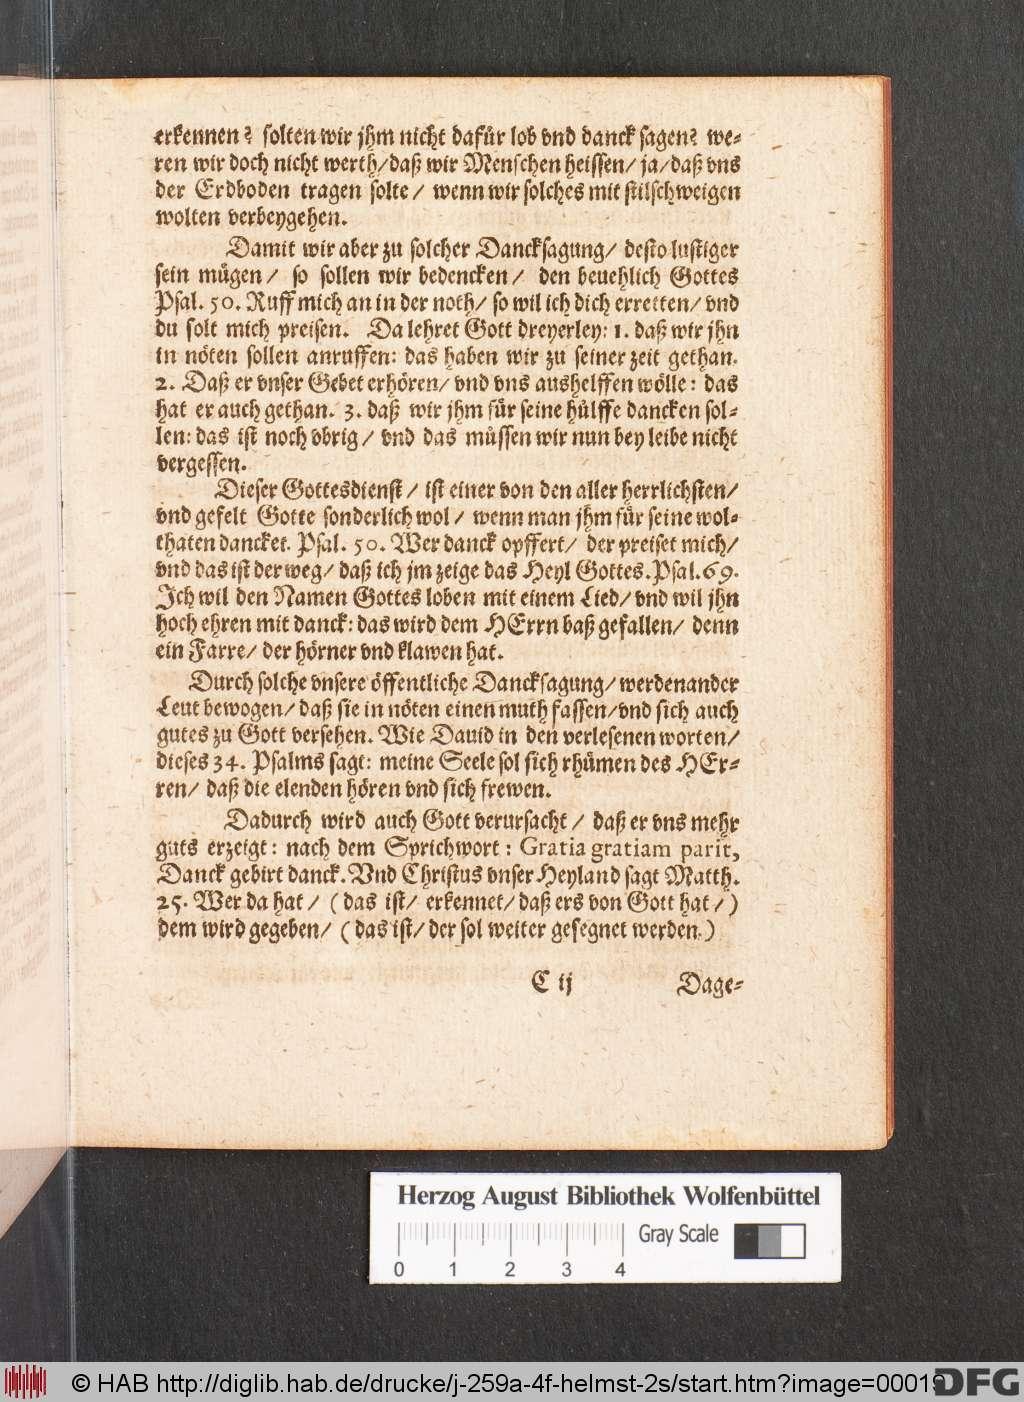 http://diglib.hab.de/drucke/j-259a-4f-helmst-2s/00019.jpg